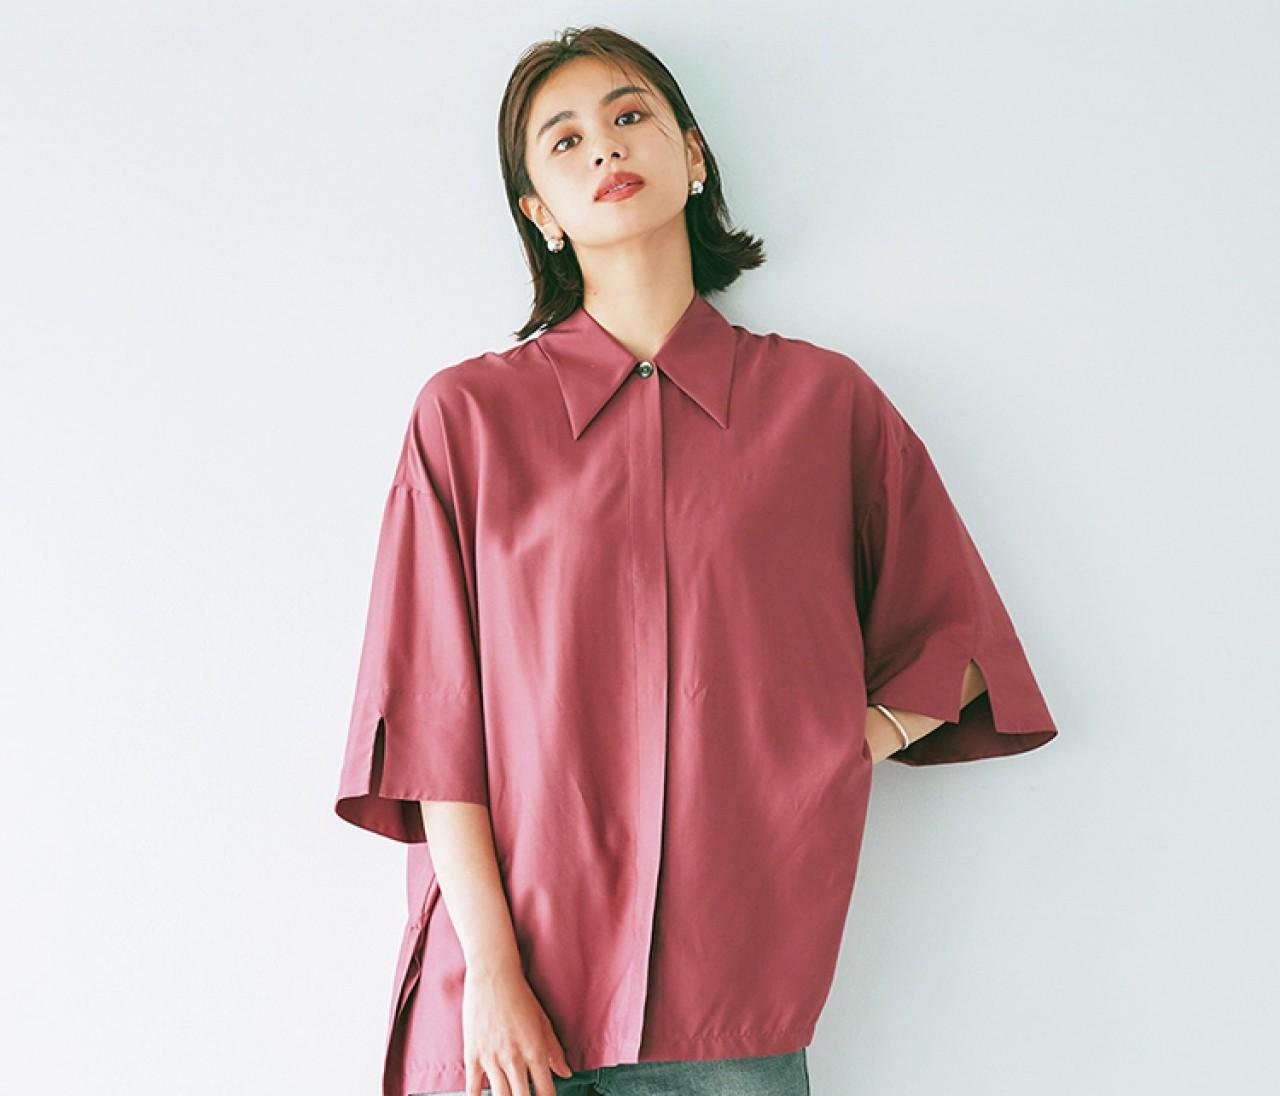 ラクしてきちんと見えするシャツ、秋はこのニュアンスカラーで差をつける!【フェミニントップス3】